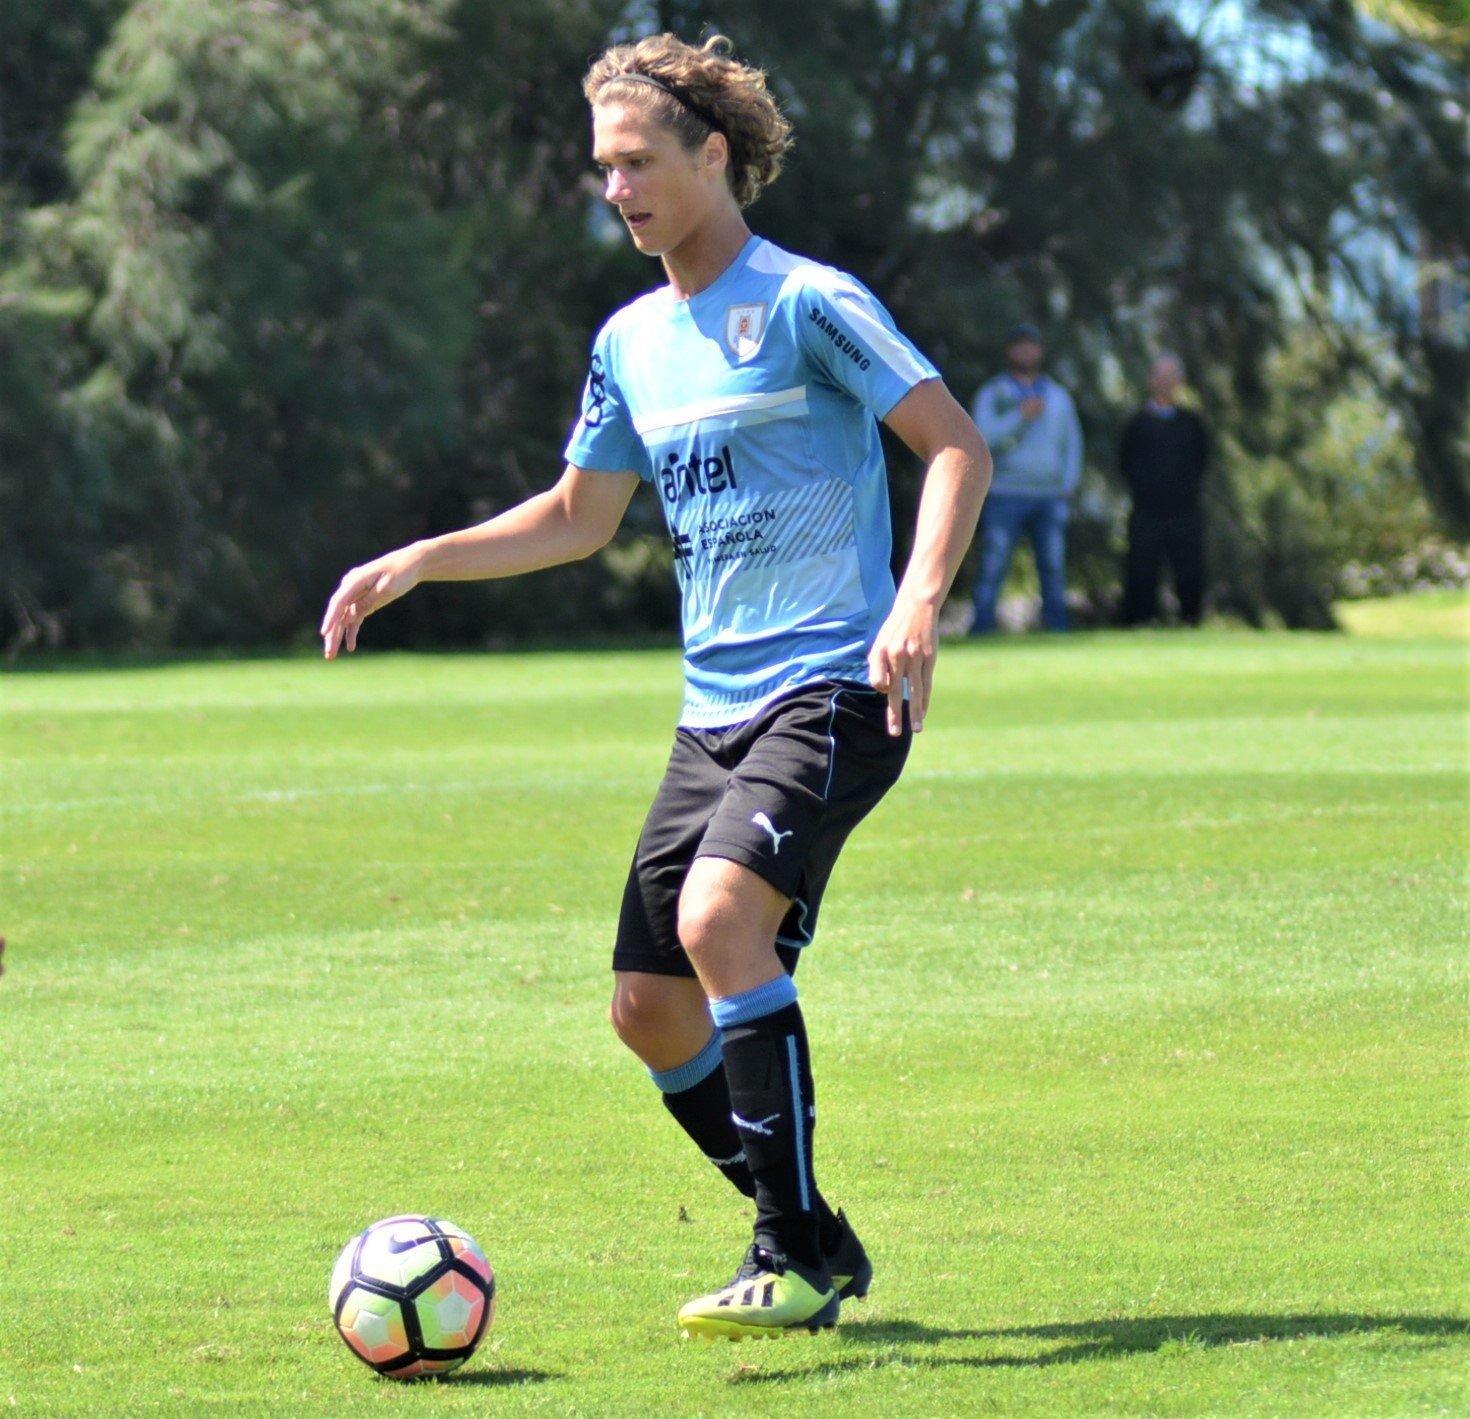 Cabrera, el juvenil uruguayo promesa para la Bundesliga y carta de Schalke 04